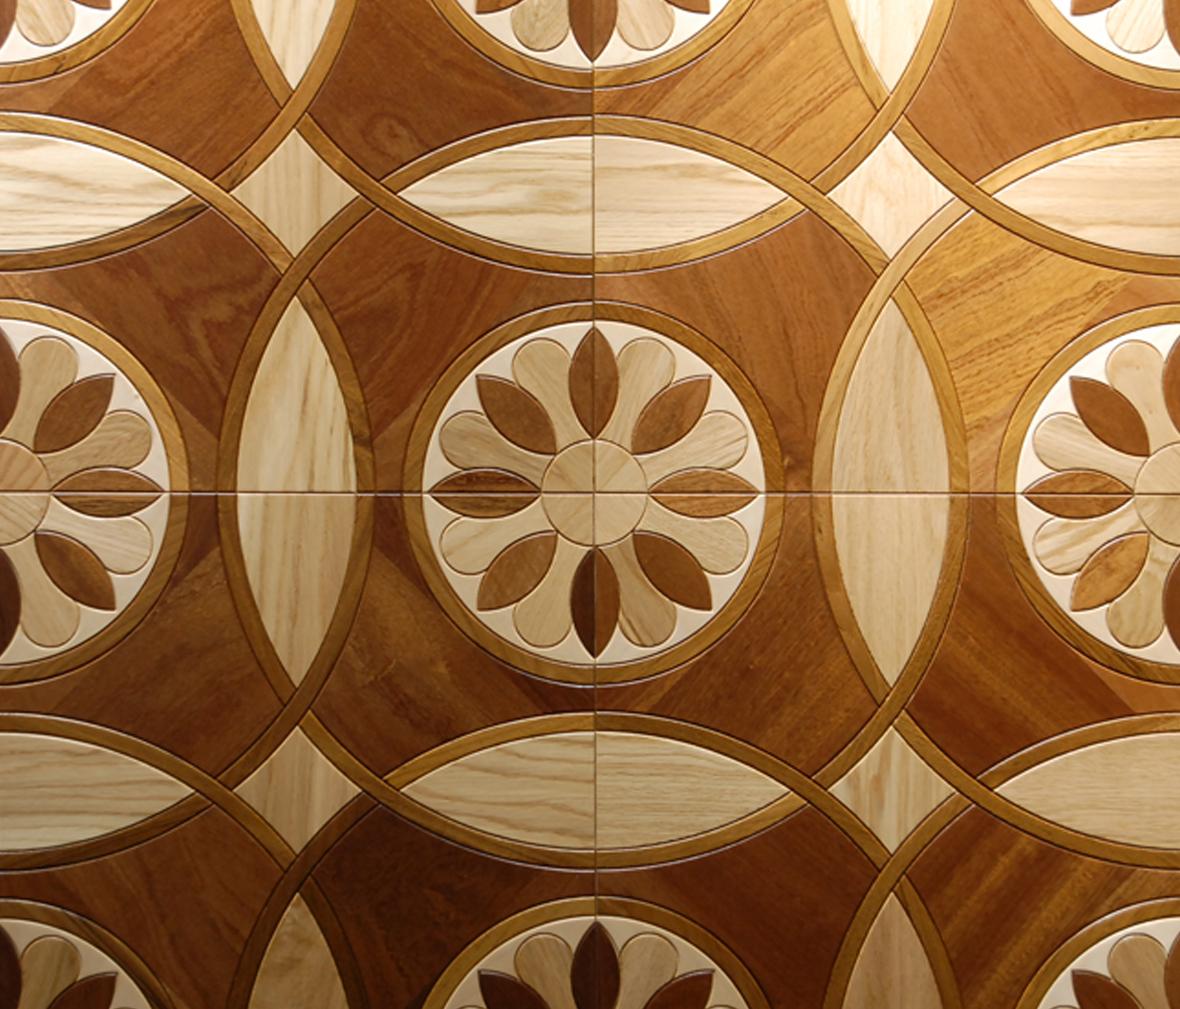 安信地板 多层实木地板 老榆木 巧克力色 美式复古风格图片